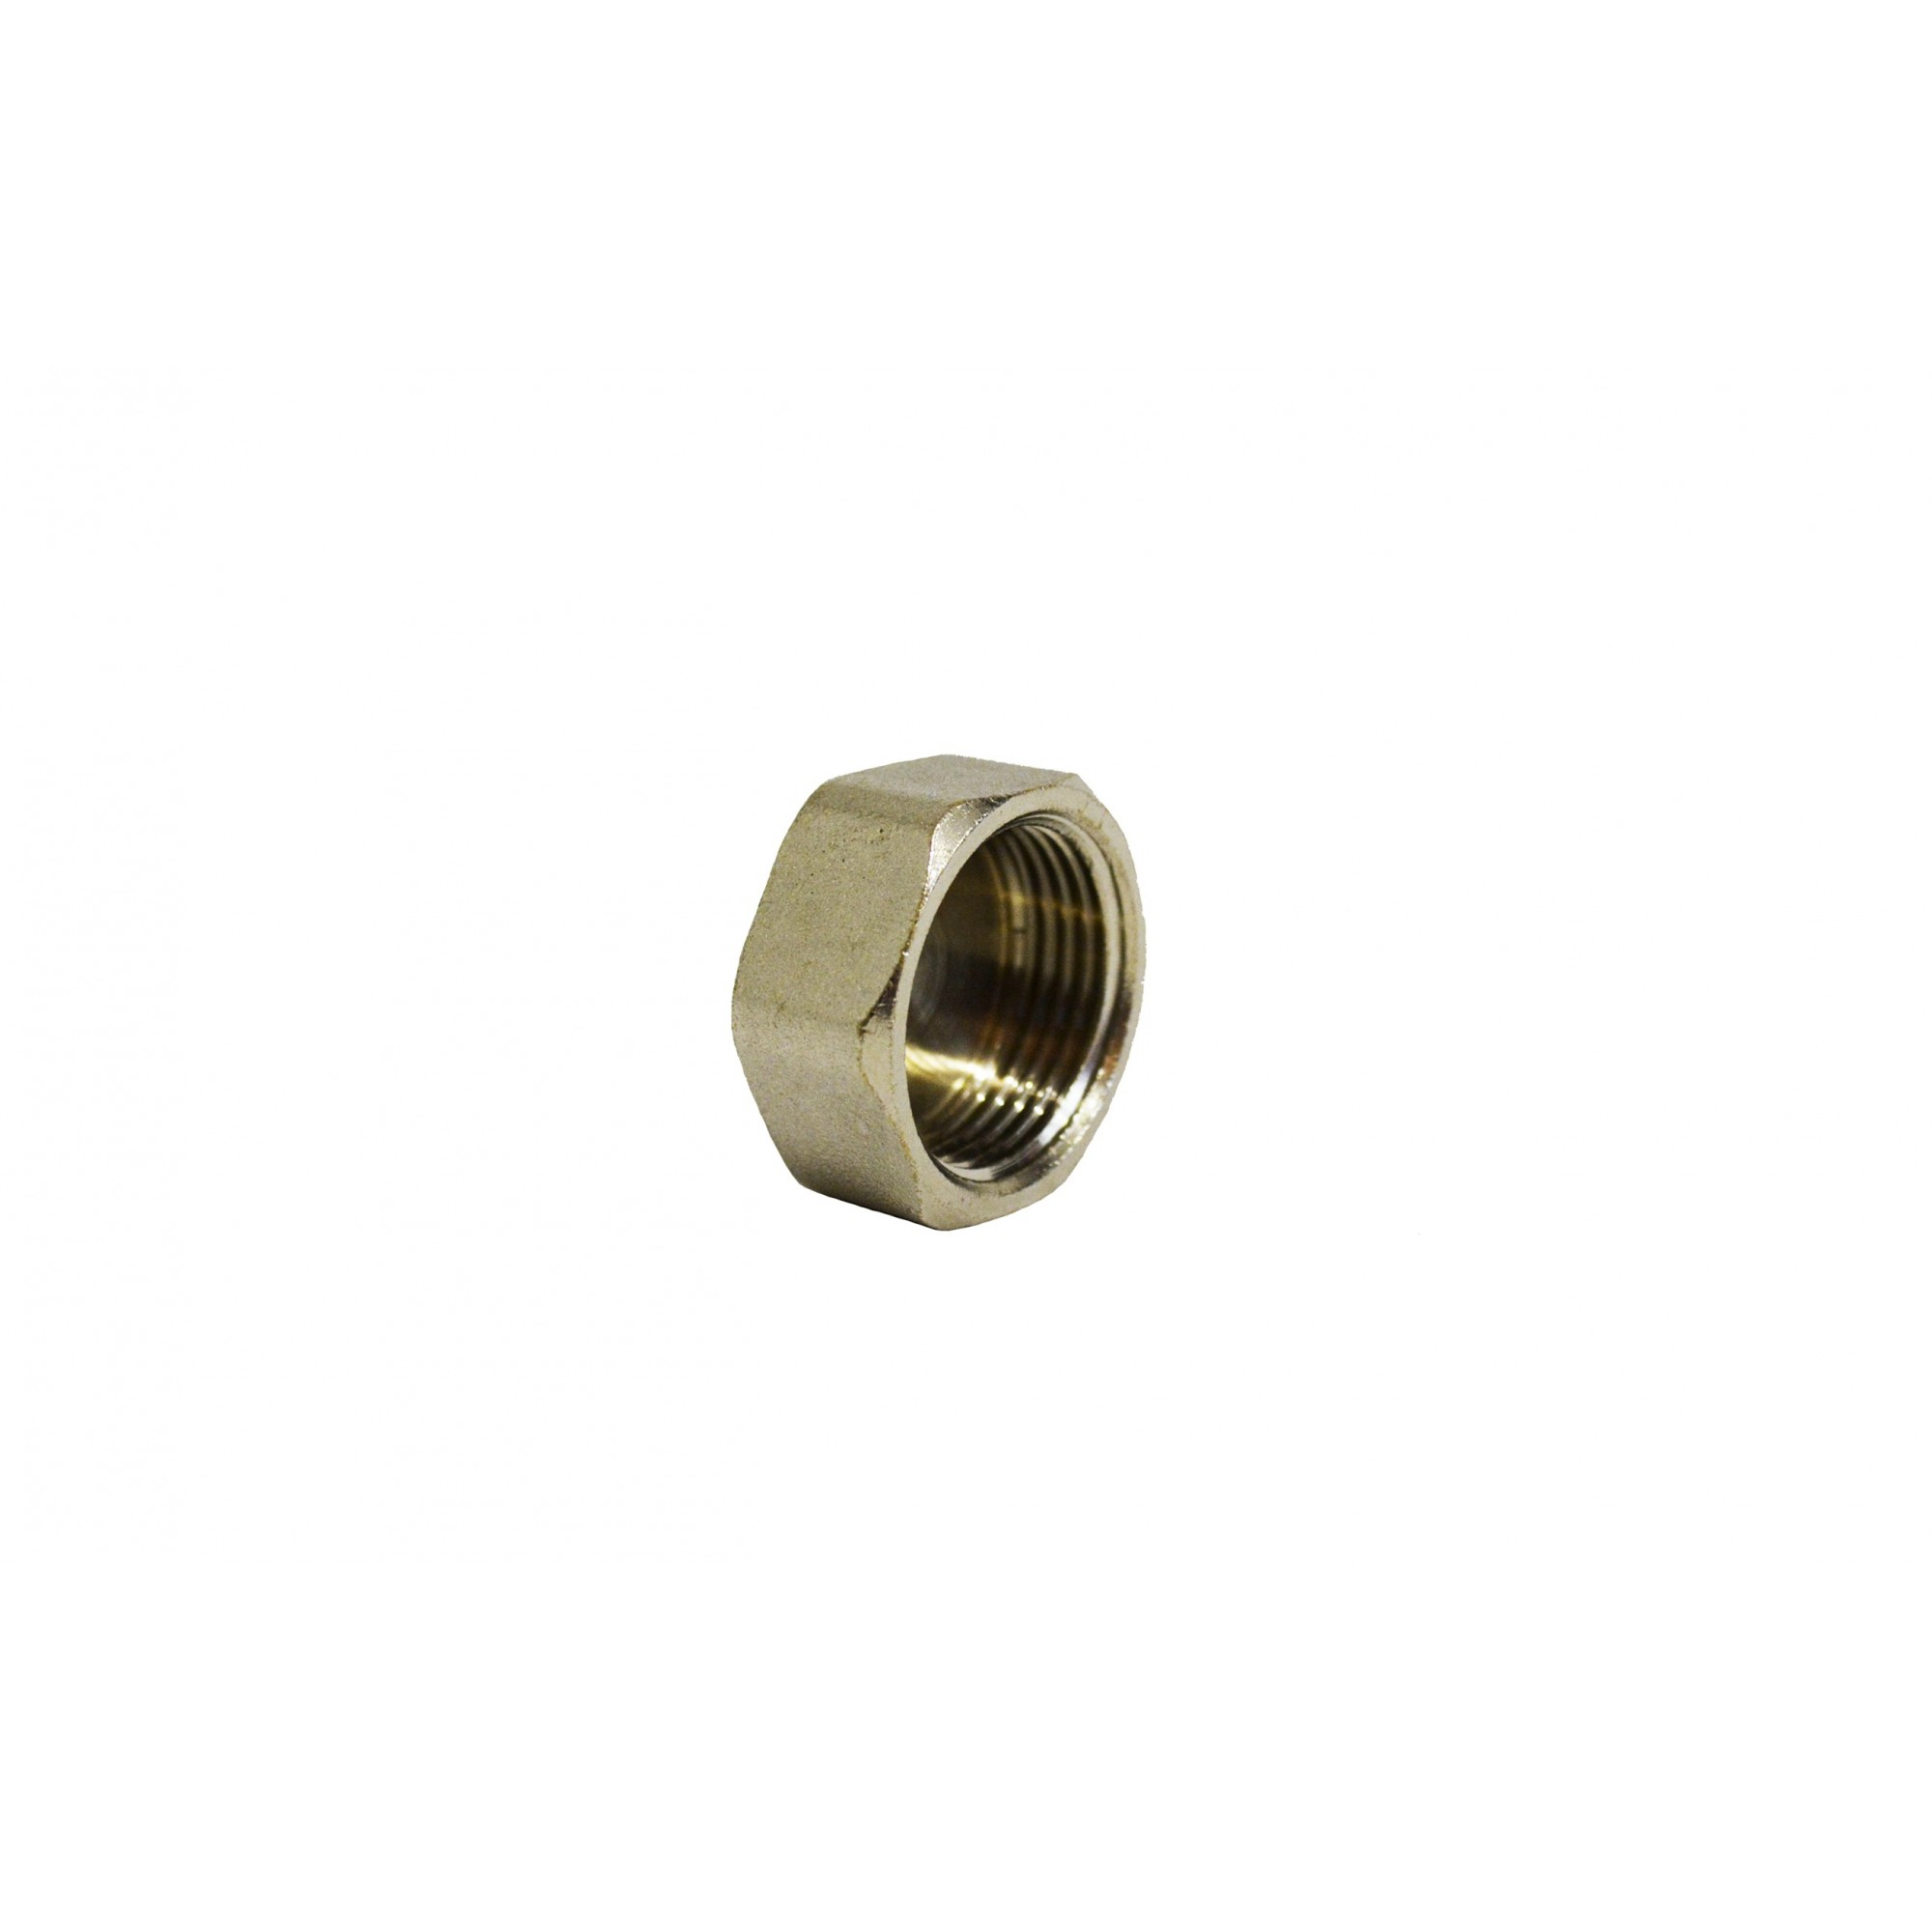 Заглушка 3/4вн никелированная ANGO ANGO - 1